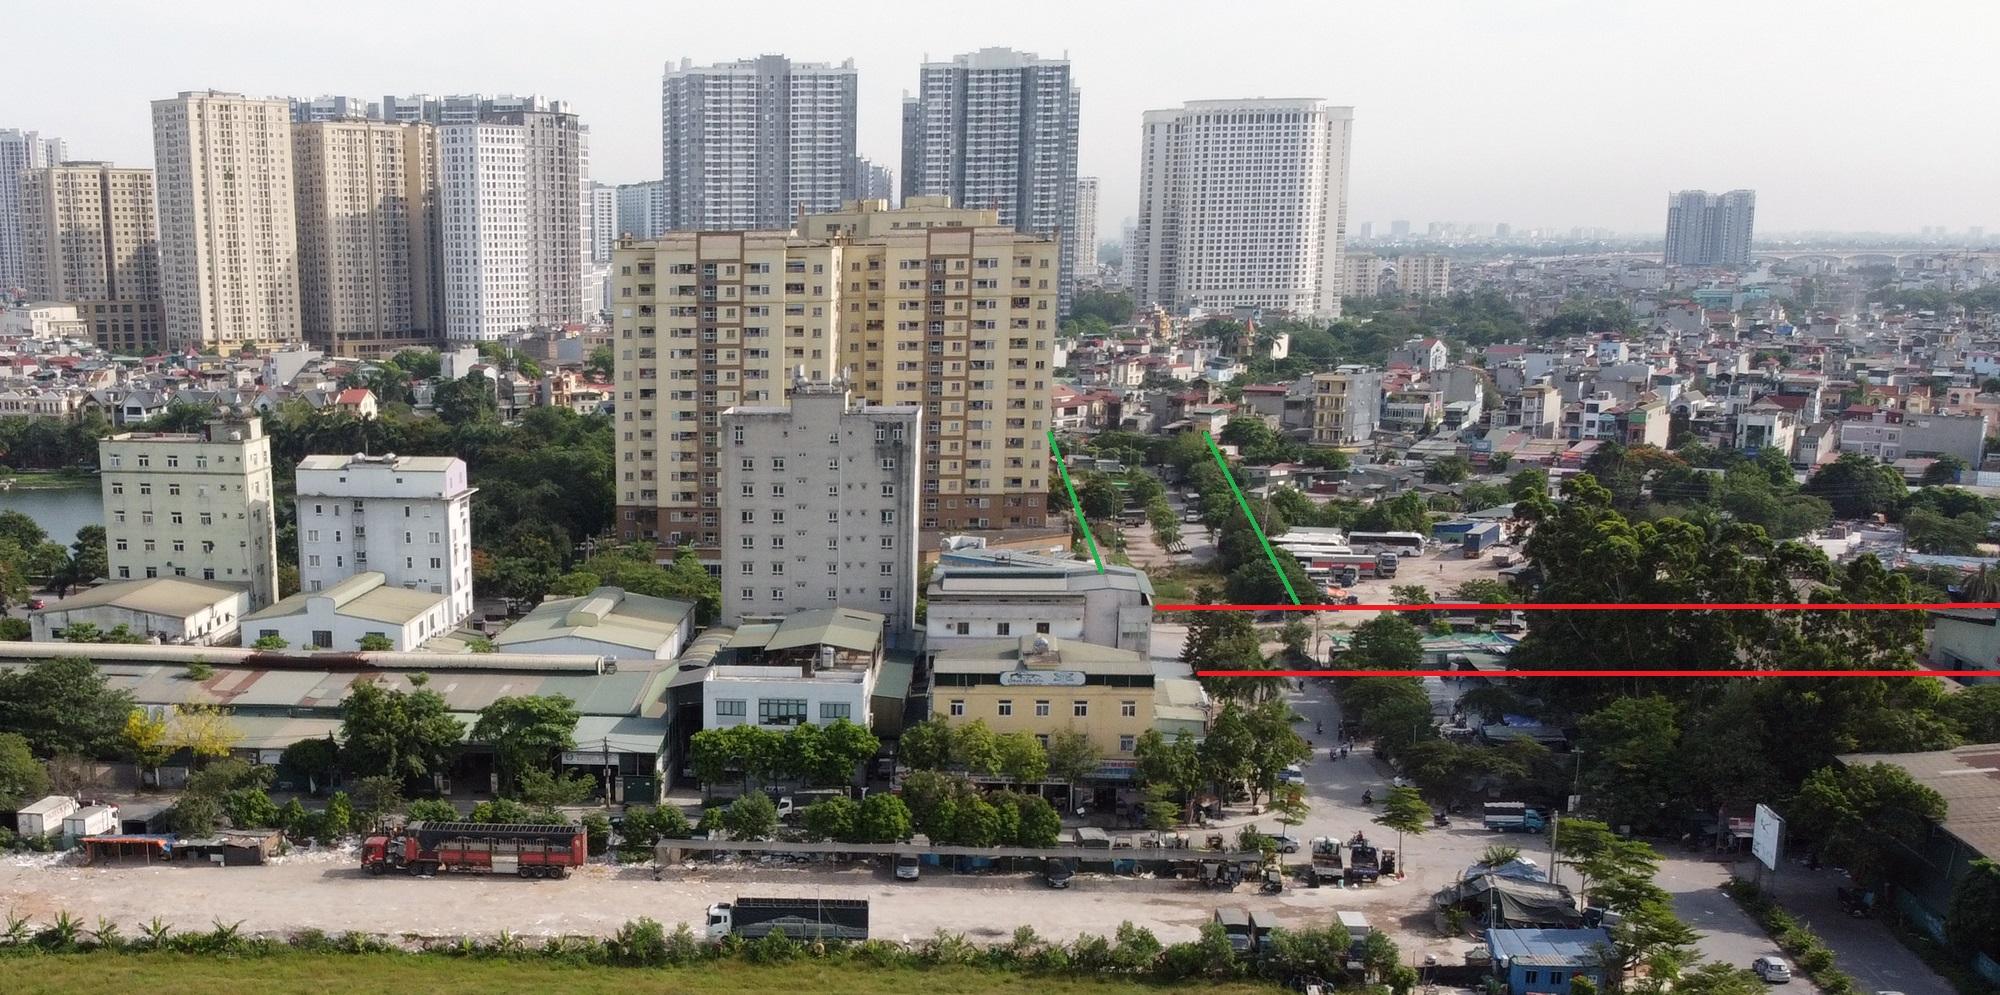 đường sẽ mở theo qui hoạch ở phường Hoàng Văn Thụ, Hoàng Mai, Hà Nội - Ảnh 7.